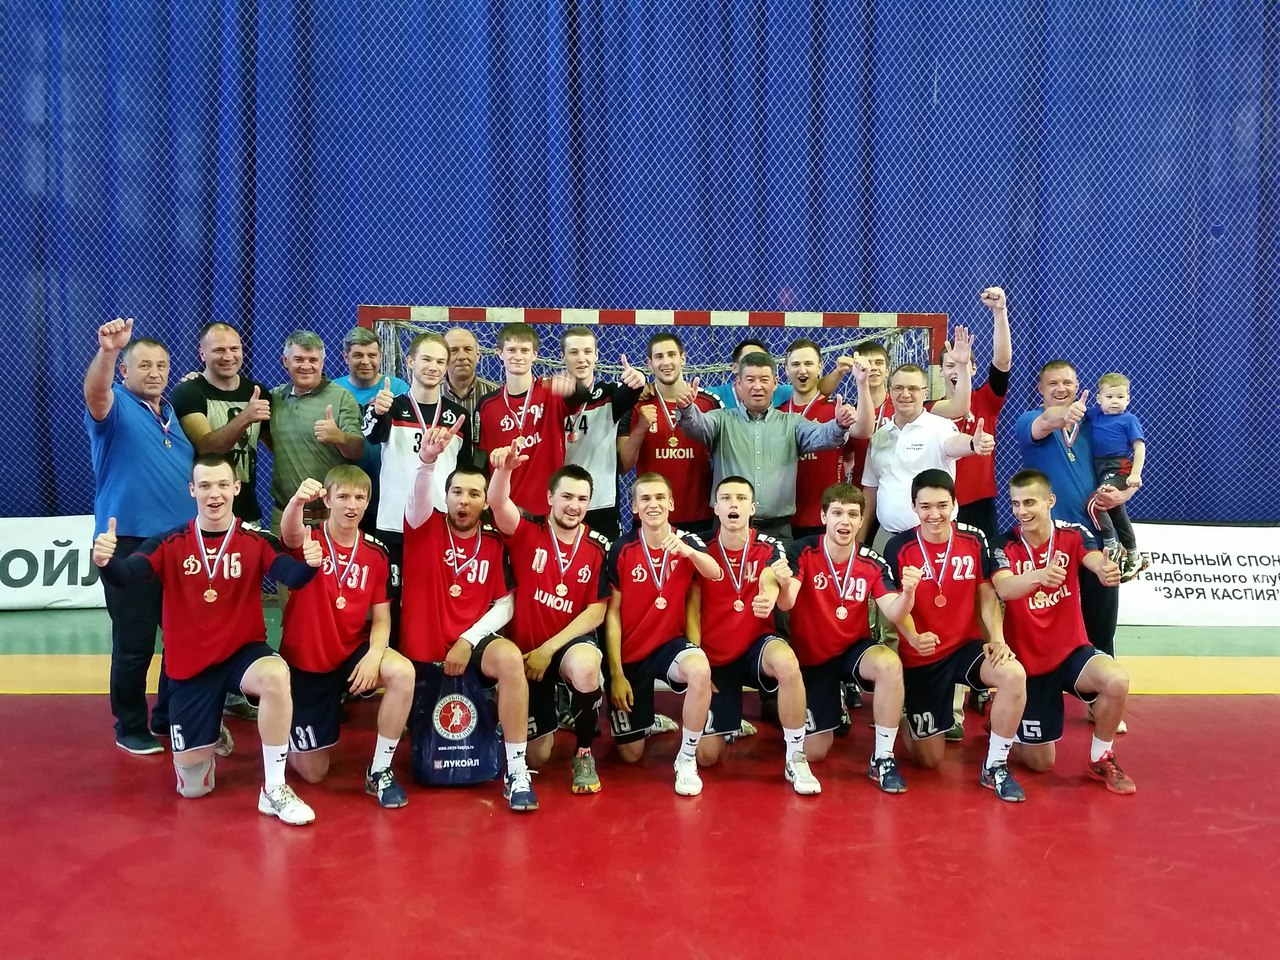 Команда «Авиатор-ОКБ Сухого» —  Чемпионы России по гандболу среди команд мужчин дублирующего состава суперлиги